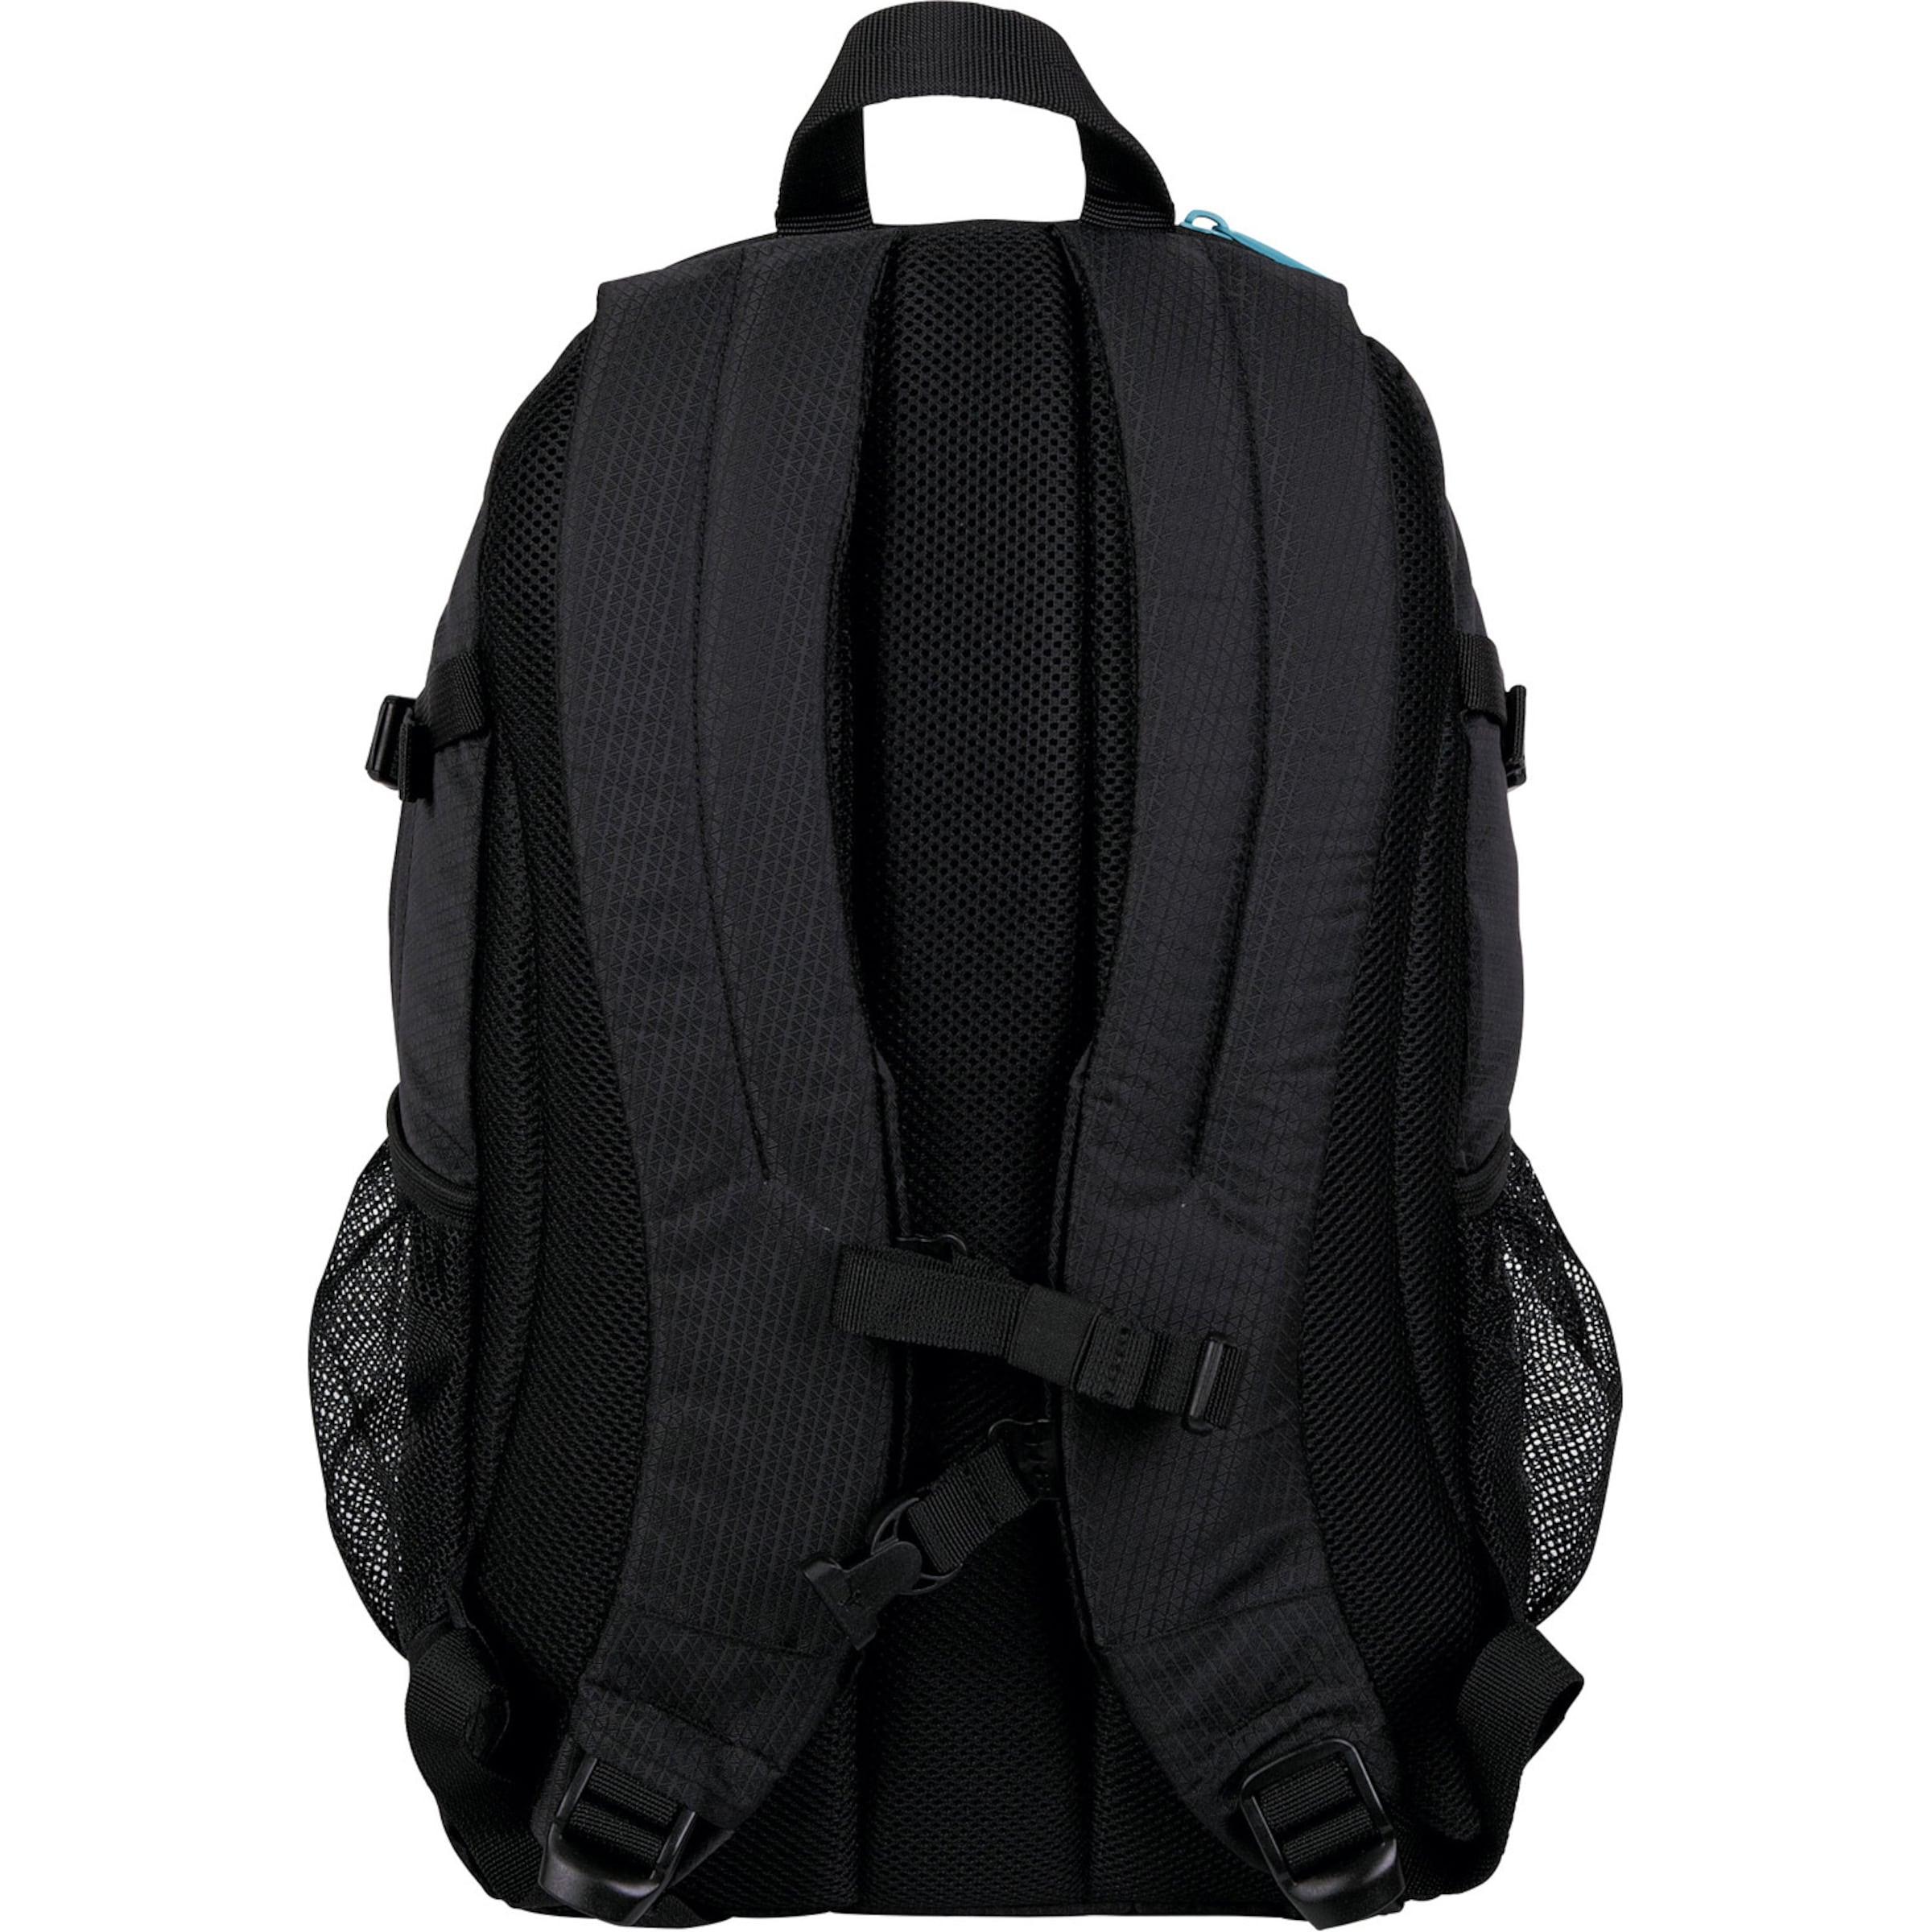 Billig Beliebt CHIEMSEE Urban Solid School Rucksack 48 cm Laptopfach Outlet Online-Shop Rabatt Hohe Qualität Günstige Rabatte nioIiJ5o